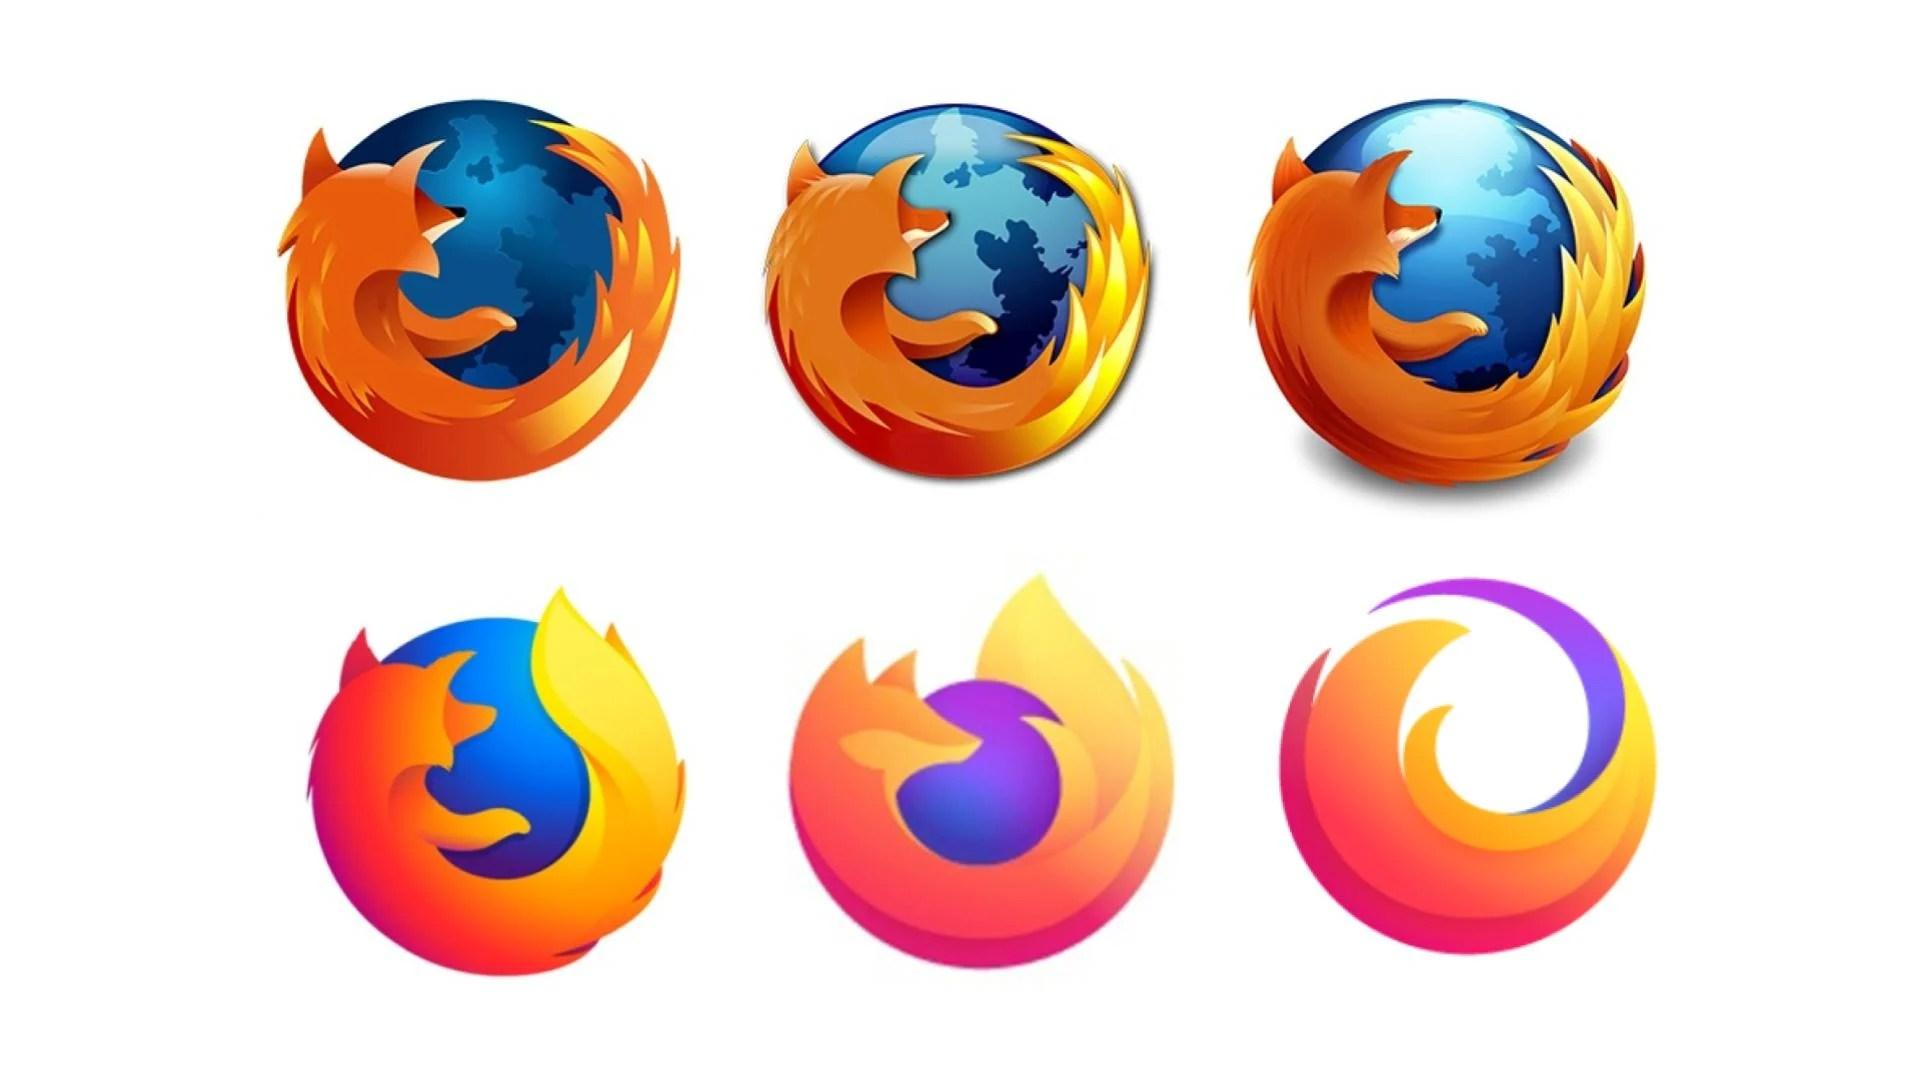 Voici le nouveau logo de Firefox : où est passé le renard ?